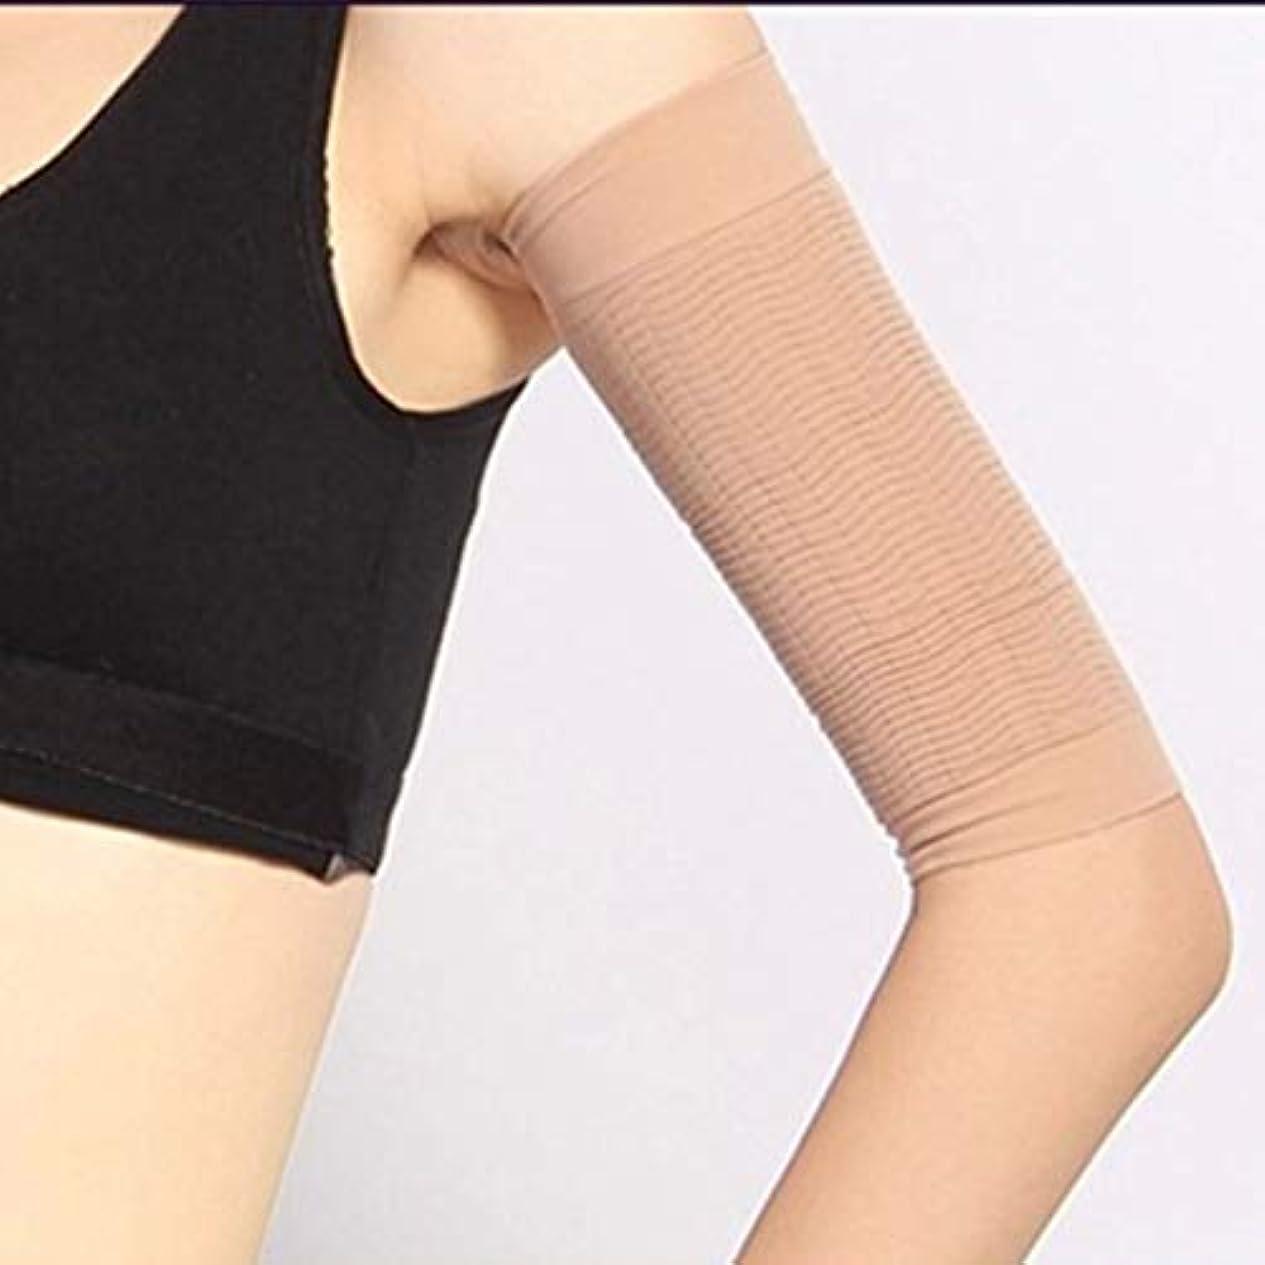 保守可能囚人上へ1ペア420 D圧縮痩身アームスリーブワークアウトトーニングバーンセルライトシェイパー脂肪燃焼袖用女性 - 肌色